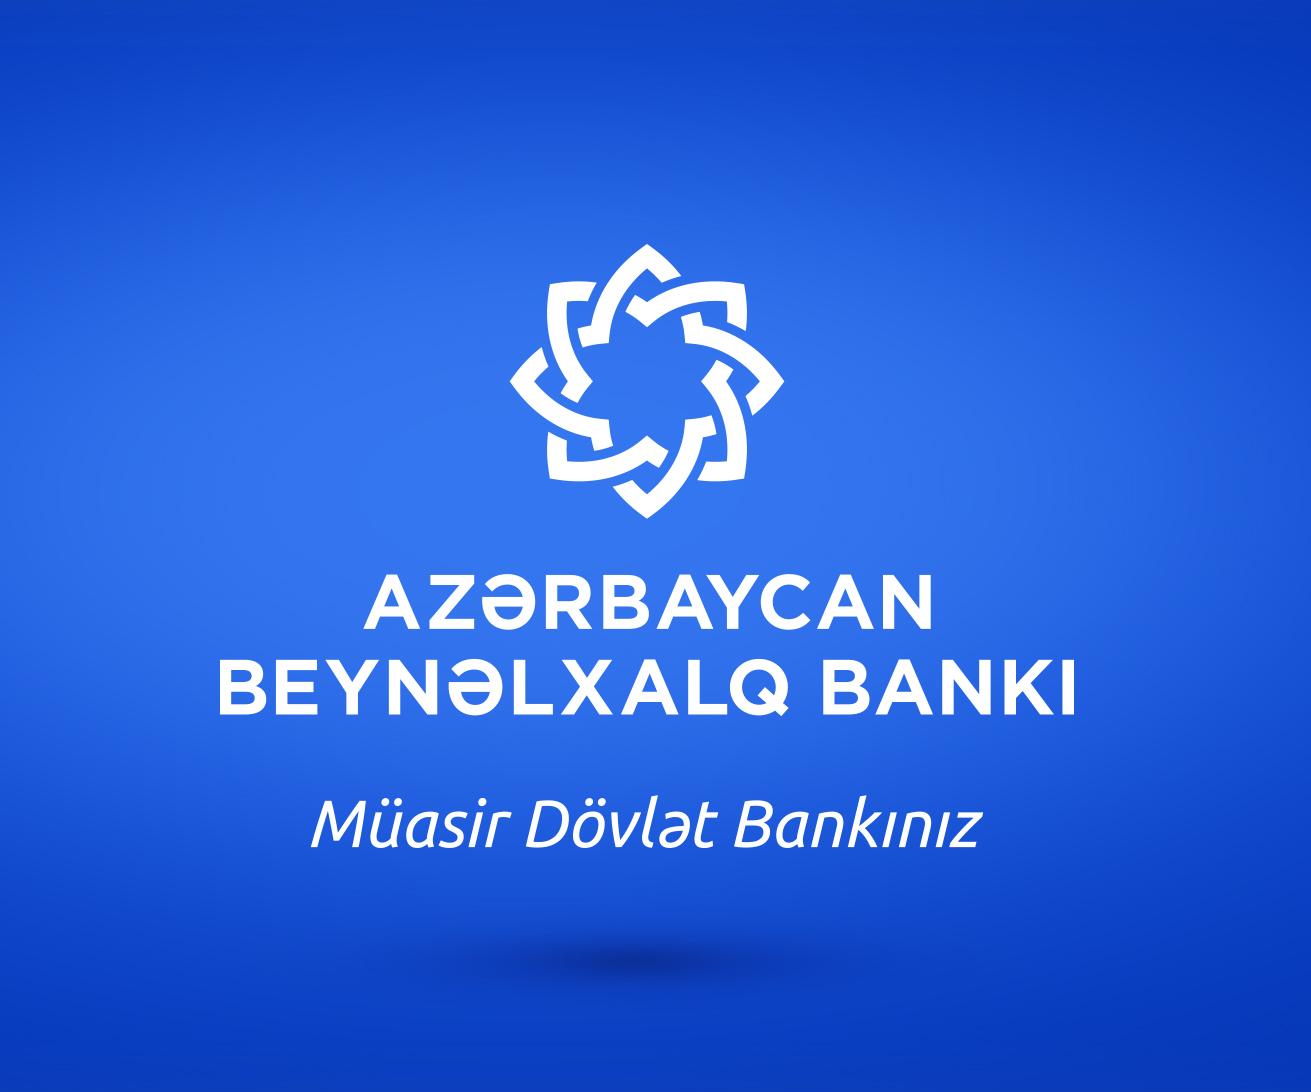 Azərbaycan Beynəlxalq Bankında qanvermə aksiyası keçirilib